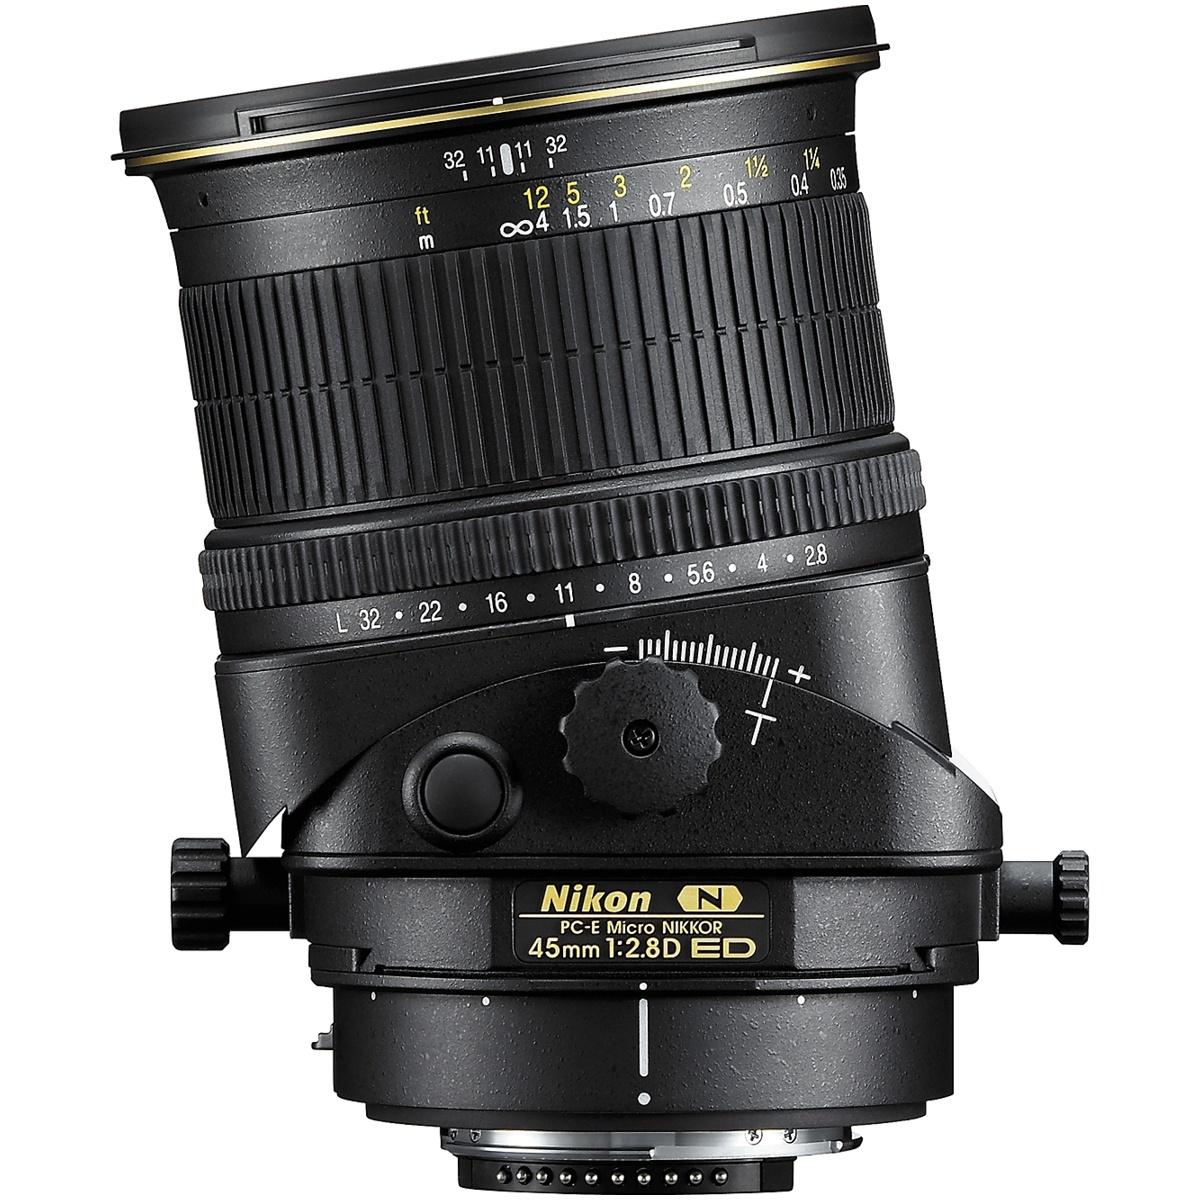 Nikon 45 mm 1:2,8 PC-E Mirco Nikkor D ED